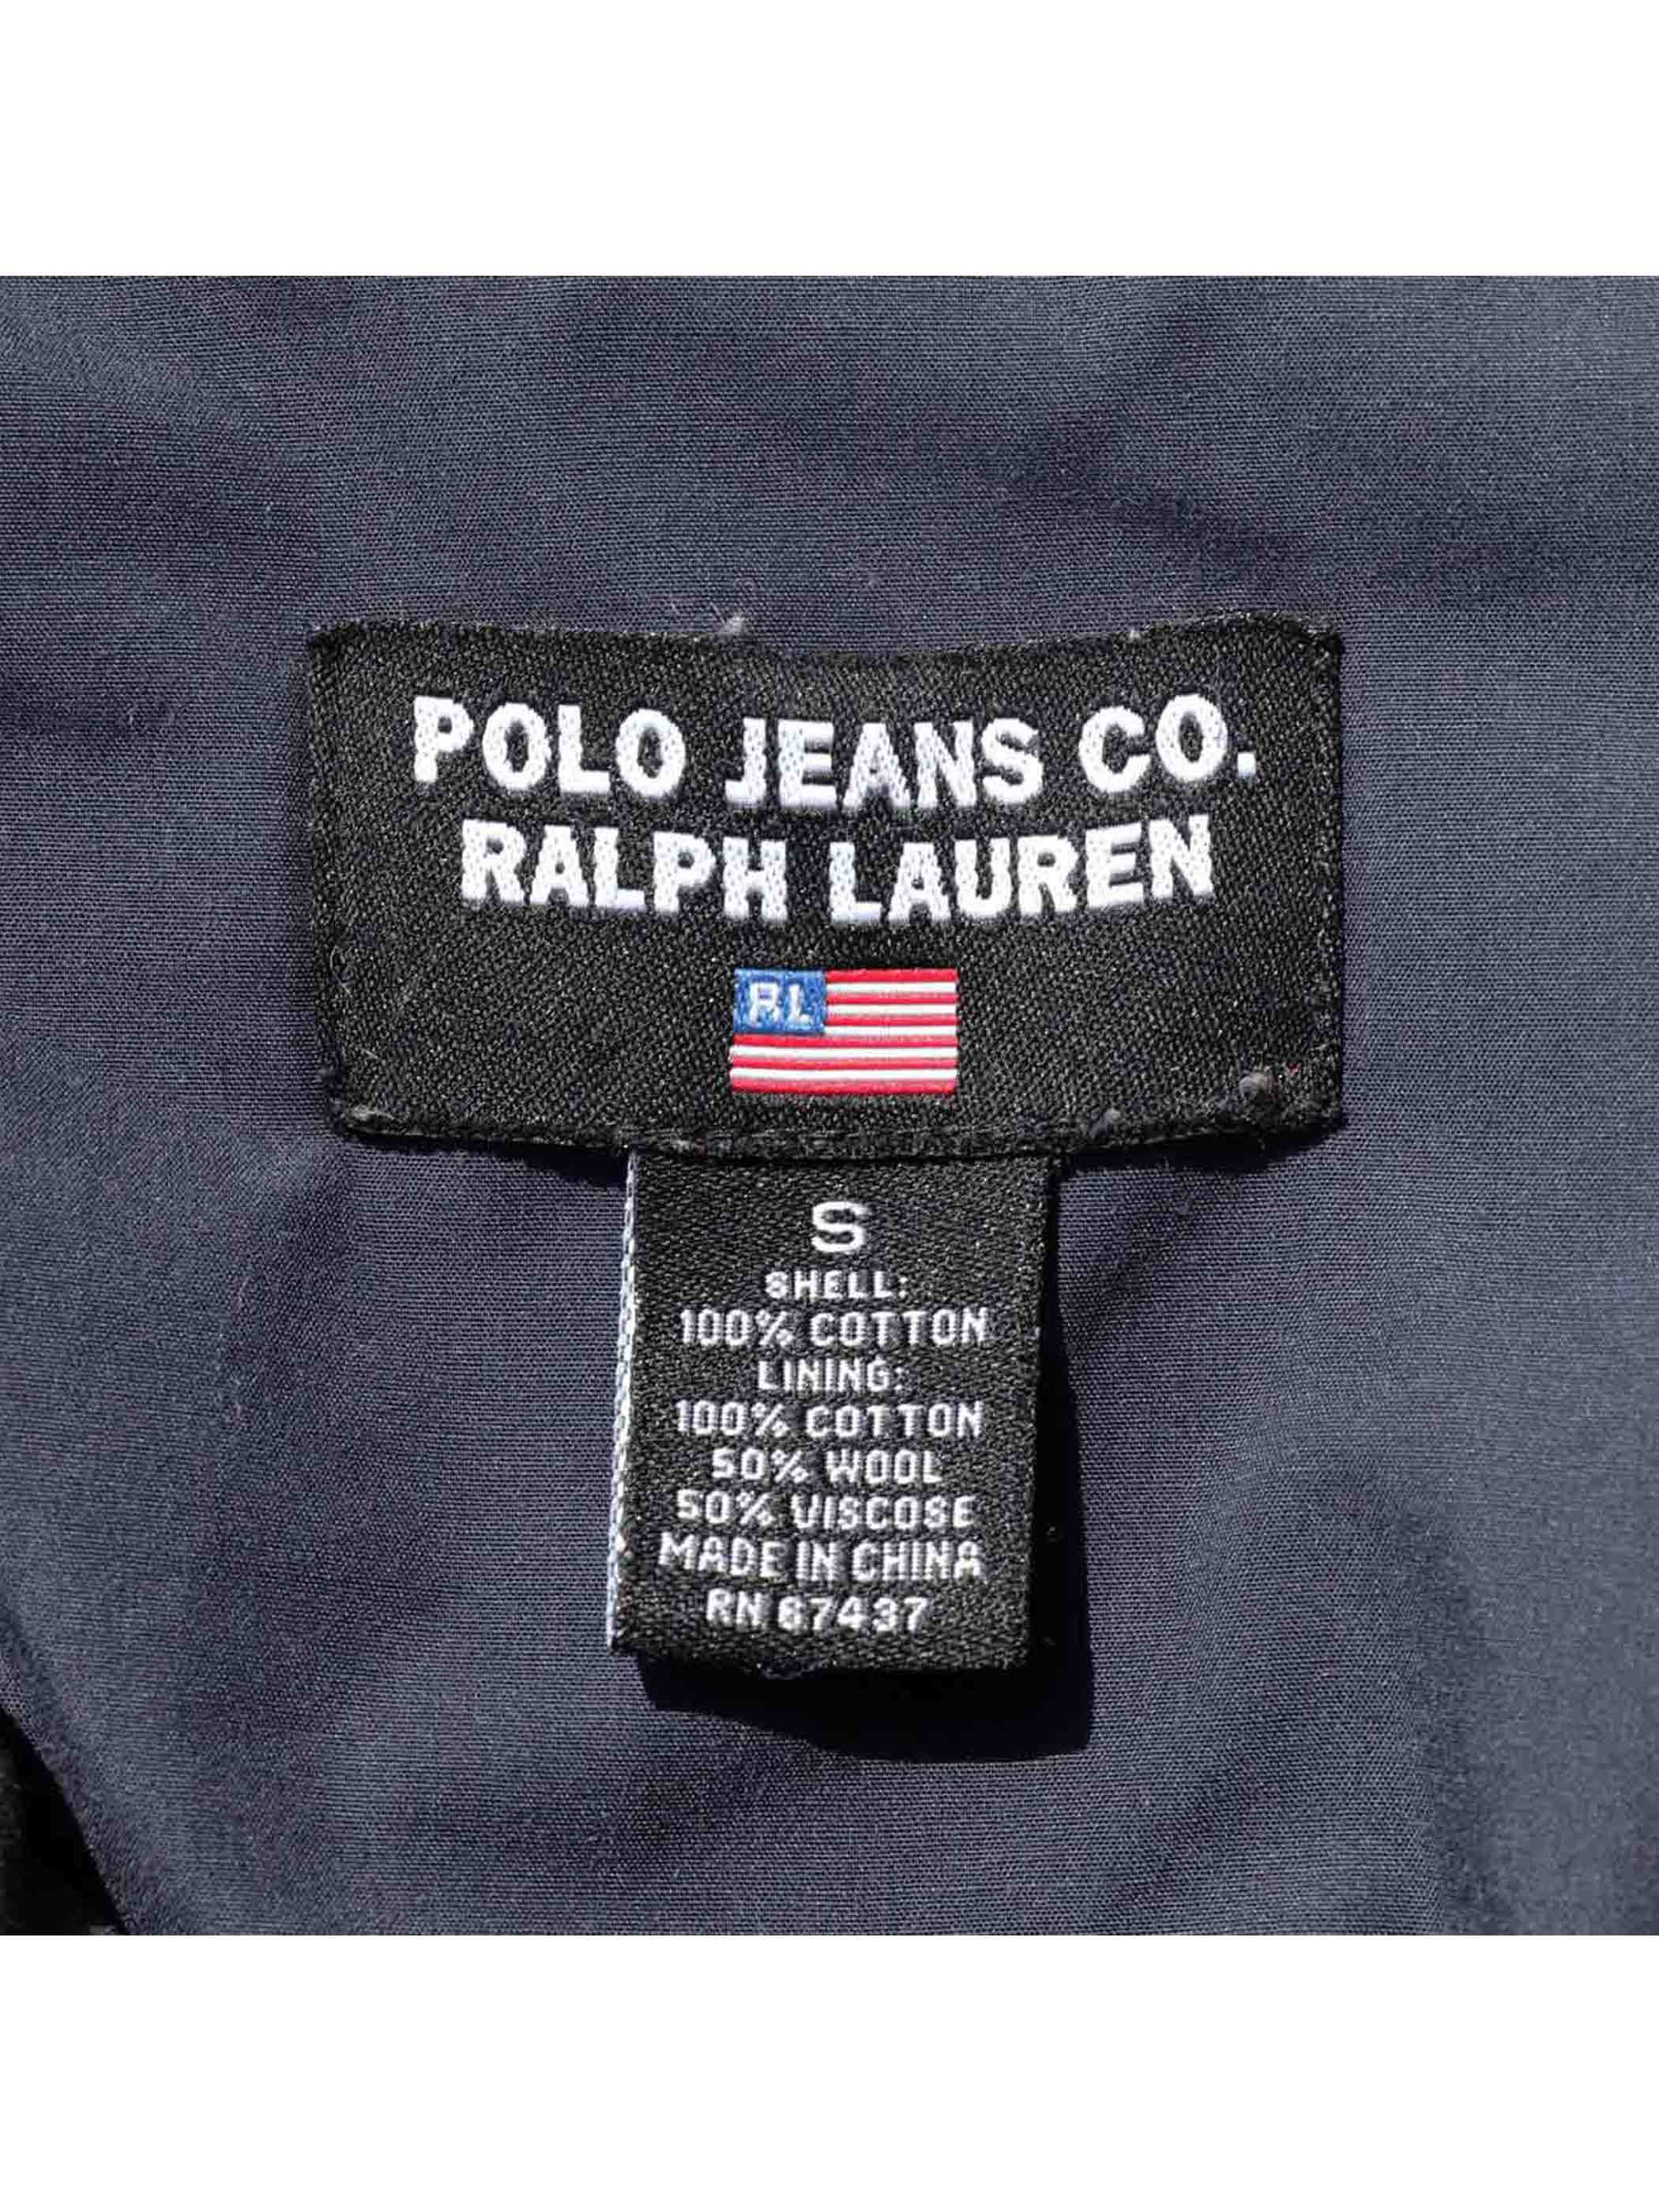 90's POLO JEANS RALPH LAUREN ブラック コットンPコート [S]